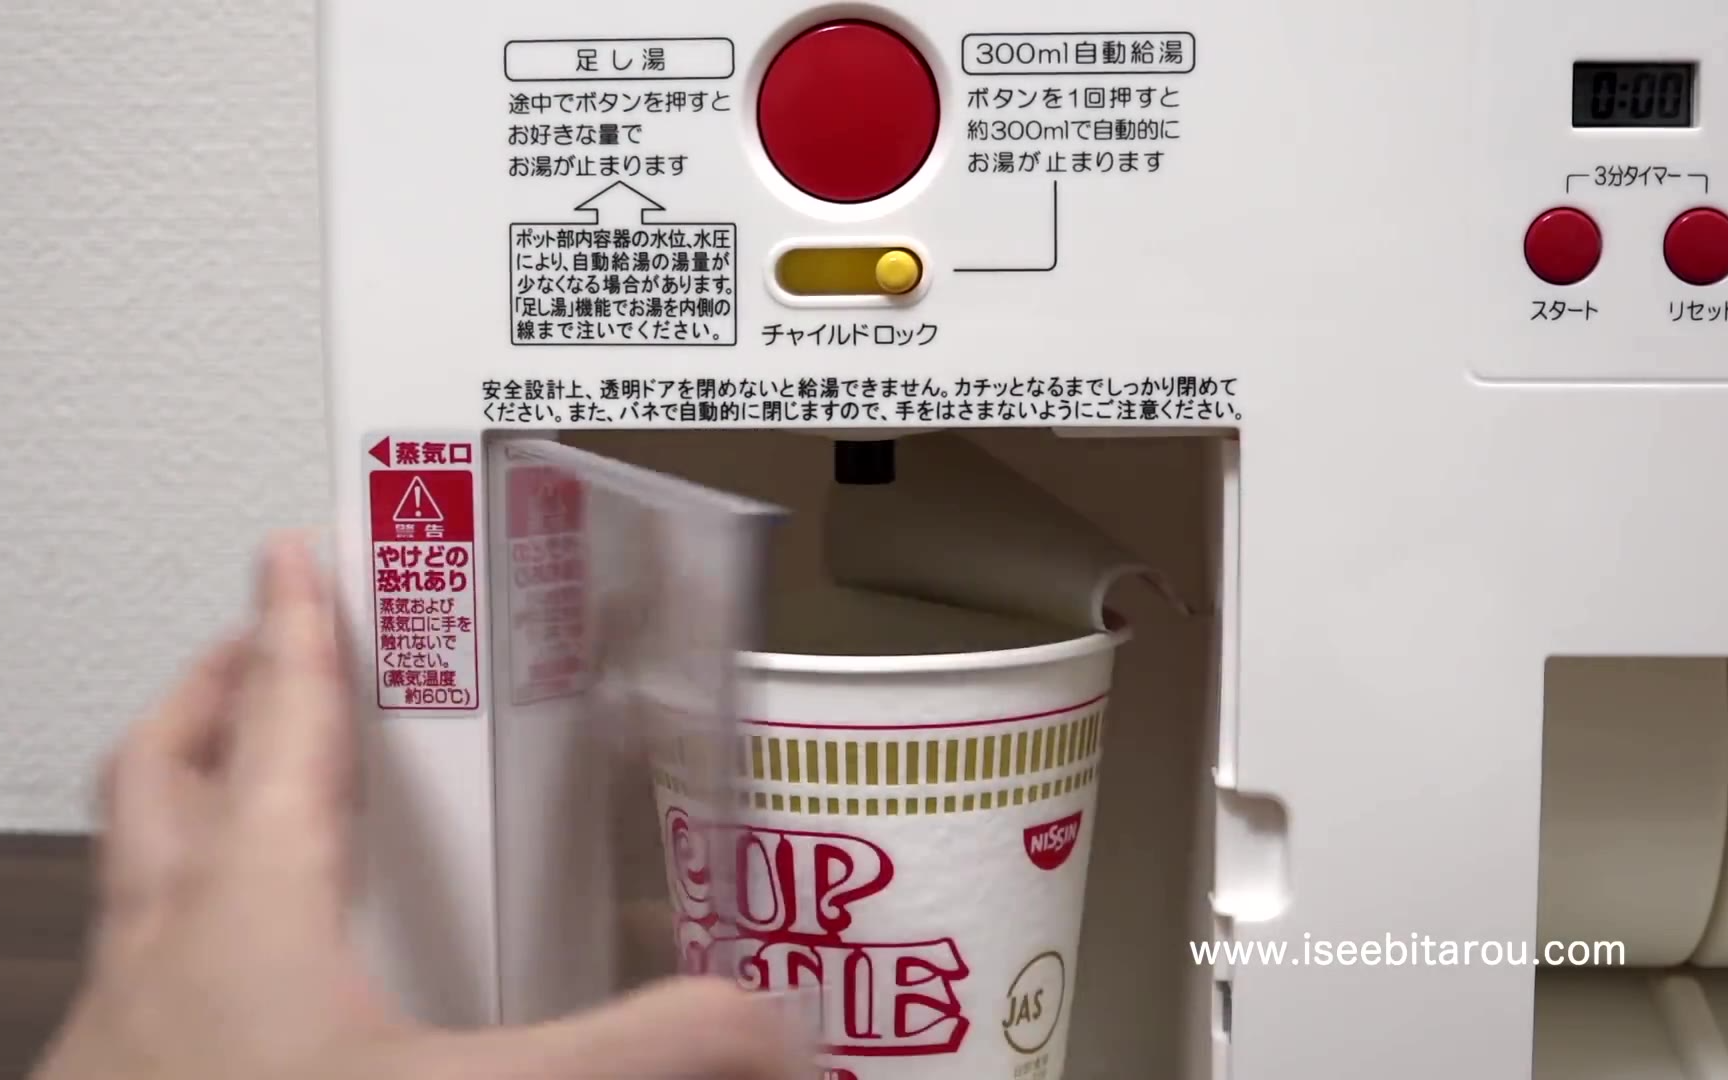 【杂货收藏家】杯面自动售货机玩具